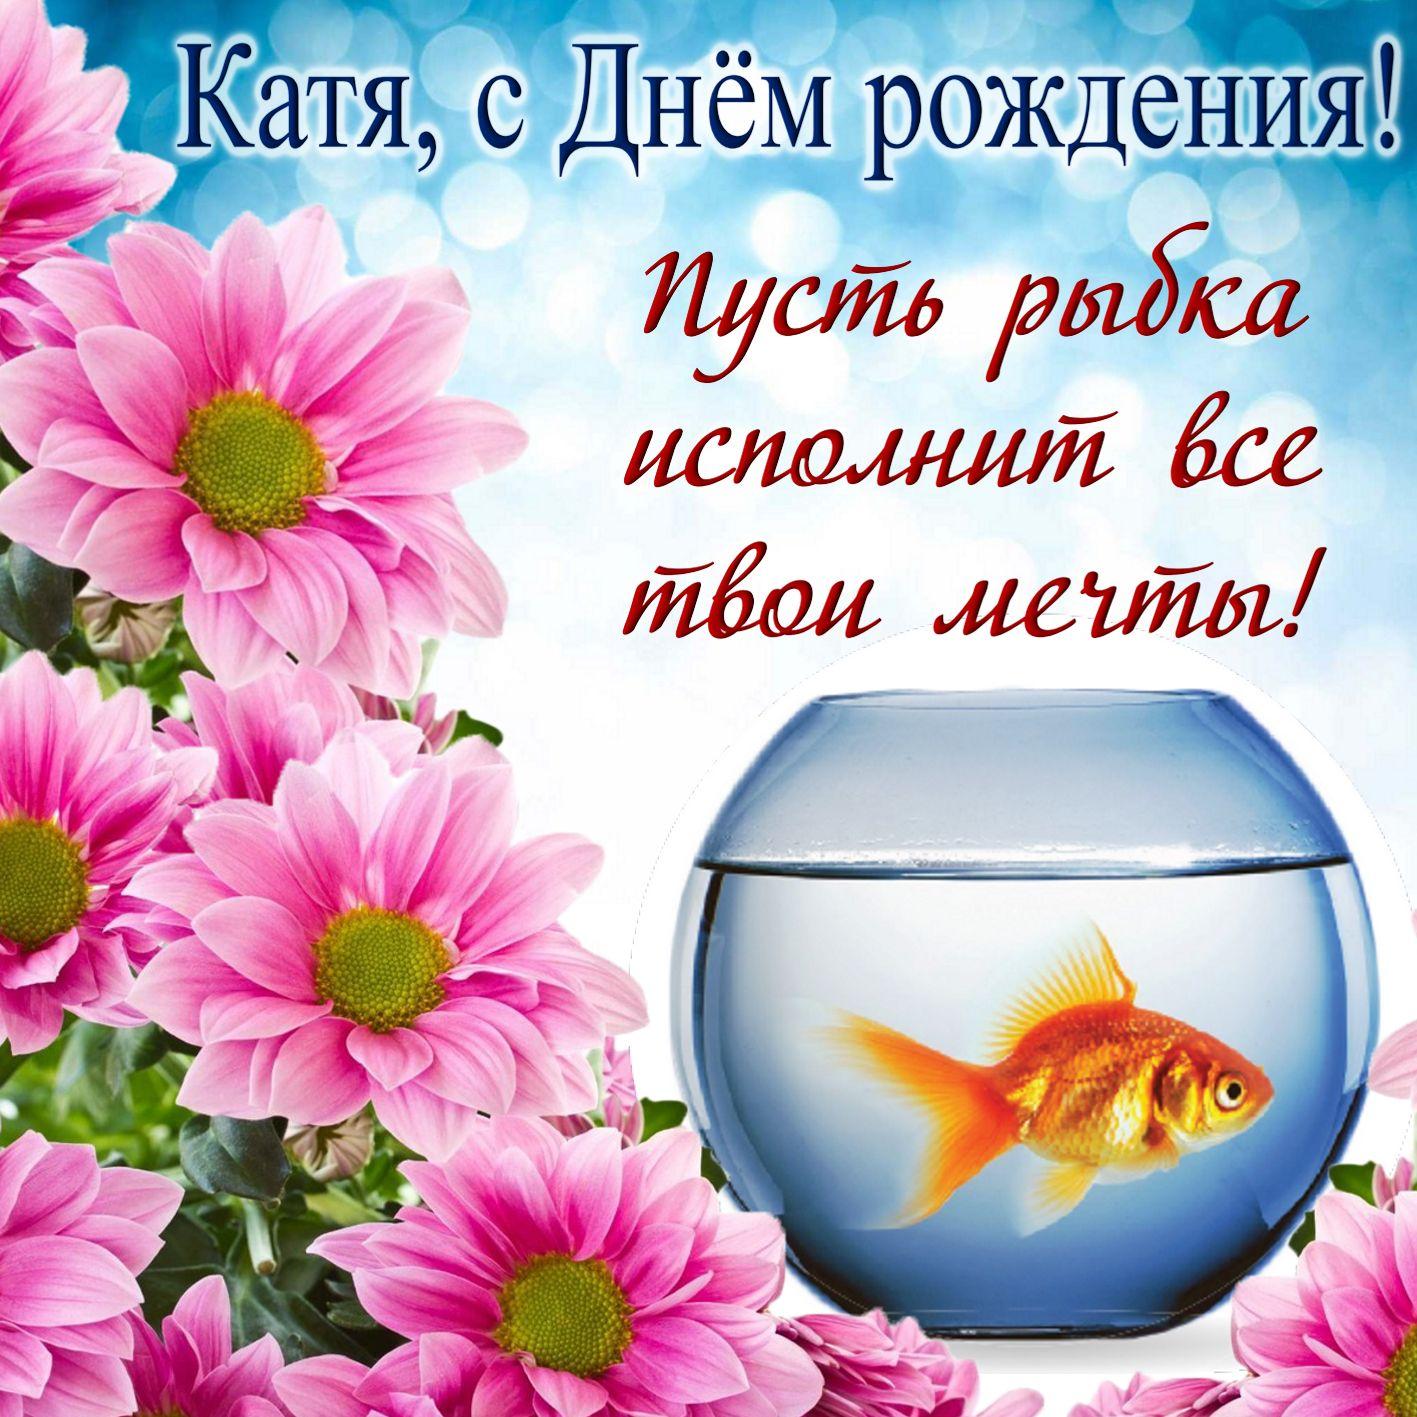 Золотая рыбка для Кати на День рождения